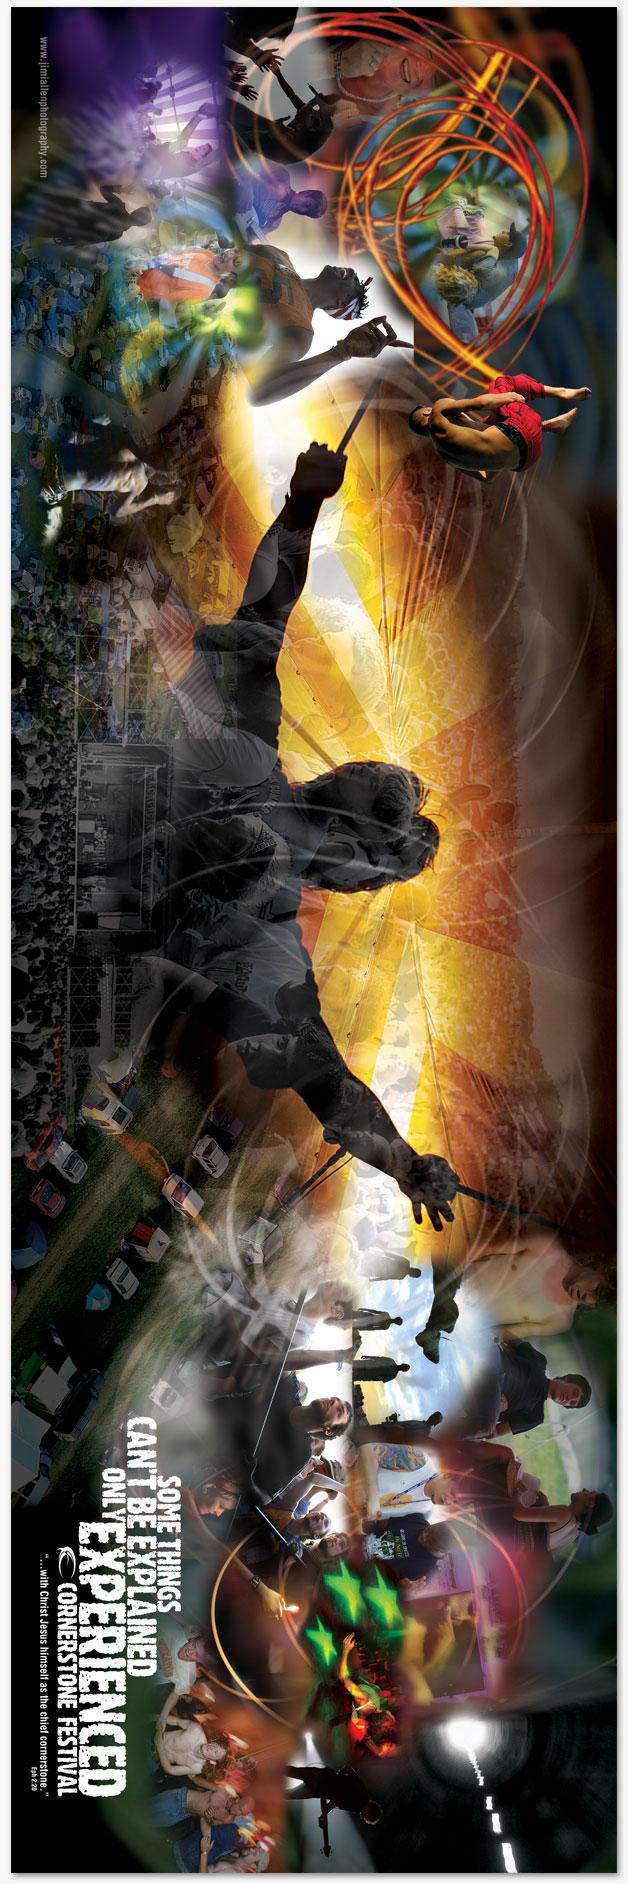 Cornerstone Music Festival Poster